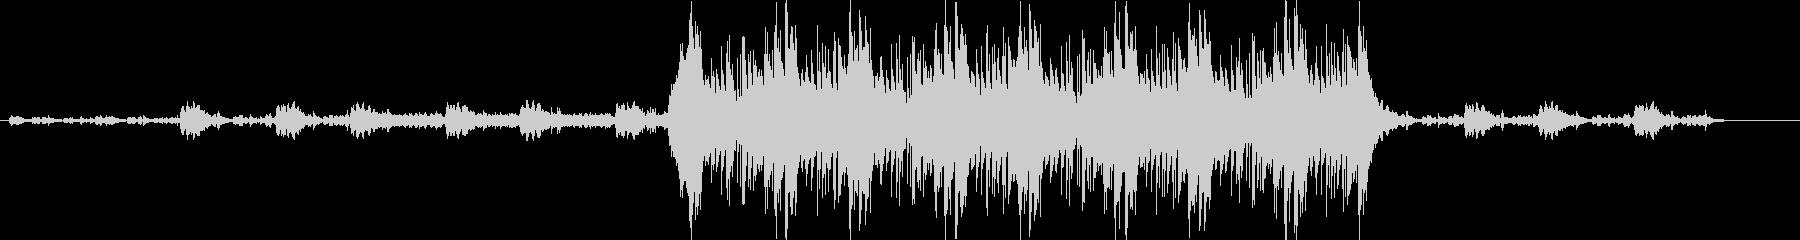 パニック系オーケストラ曲の未再生の波形